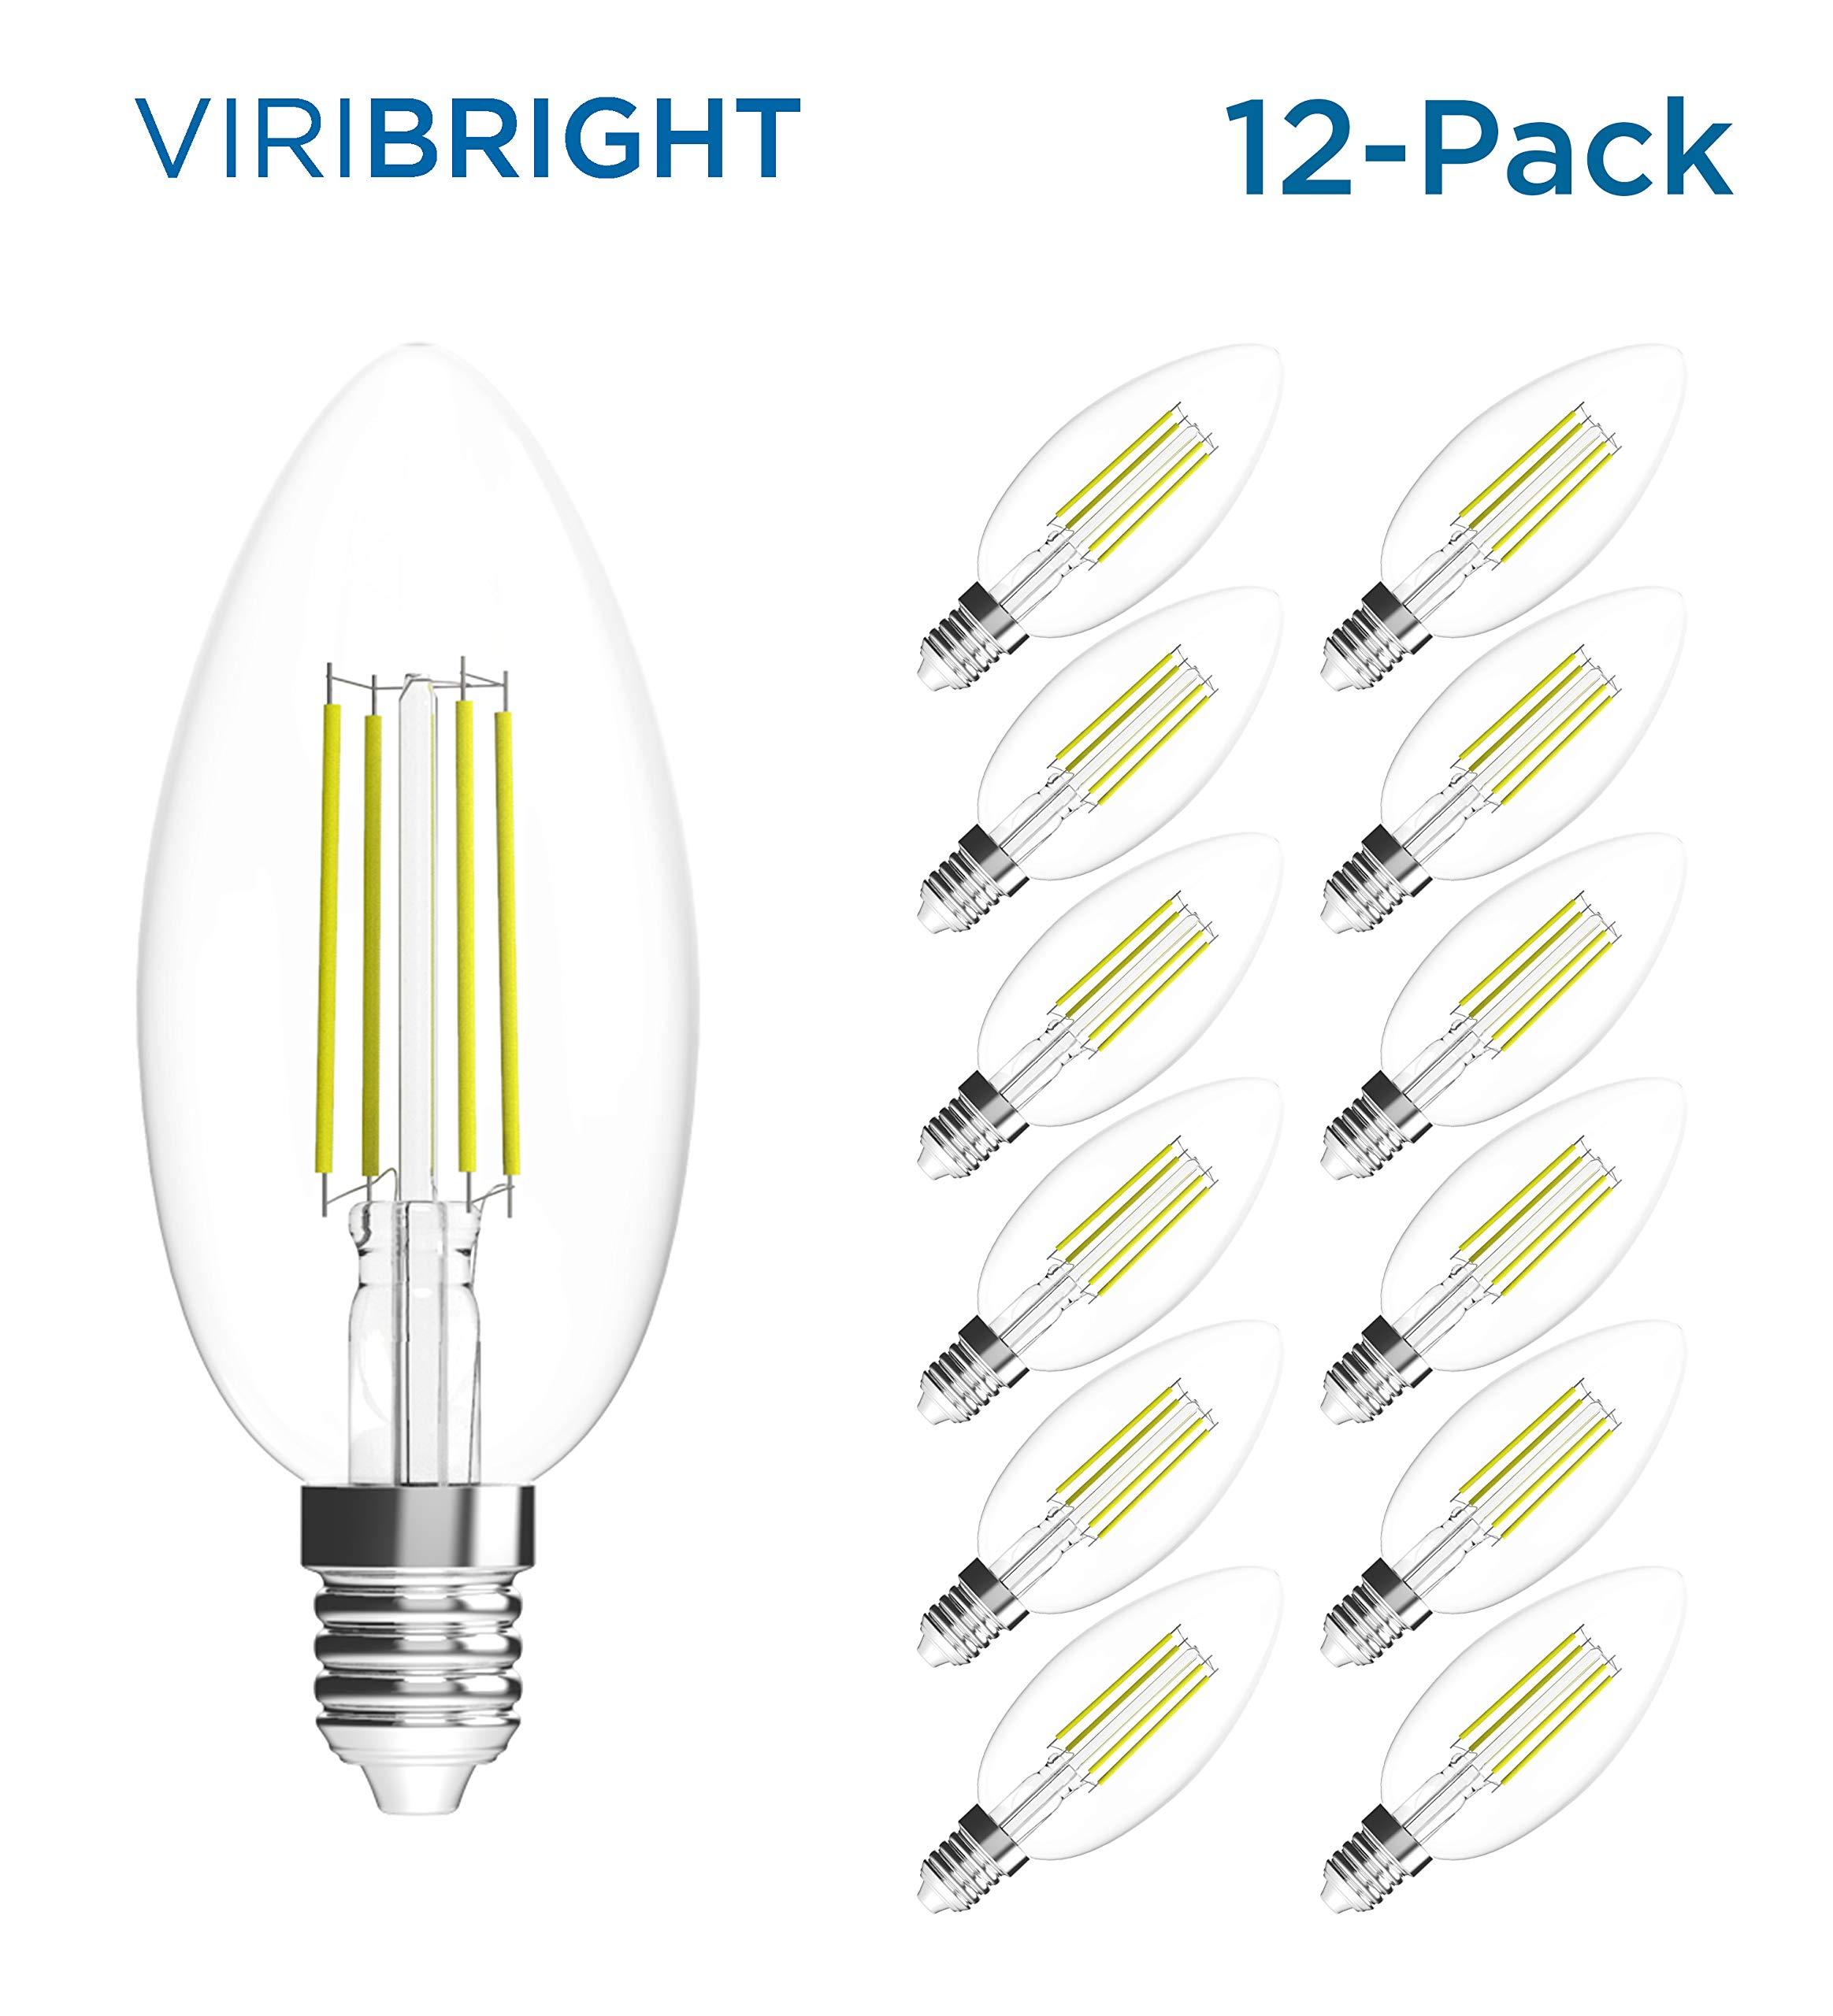 Viribright LED Non-Dimmable B11 Candle Light Bulb, 180 Lumen, 2700K Warm White, 2.5-Watt (35-Watt Equivalent), E12 Base, Pack of 12